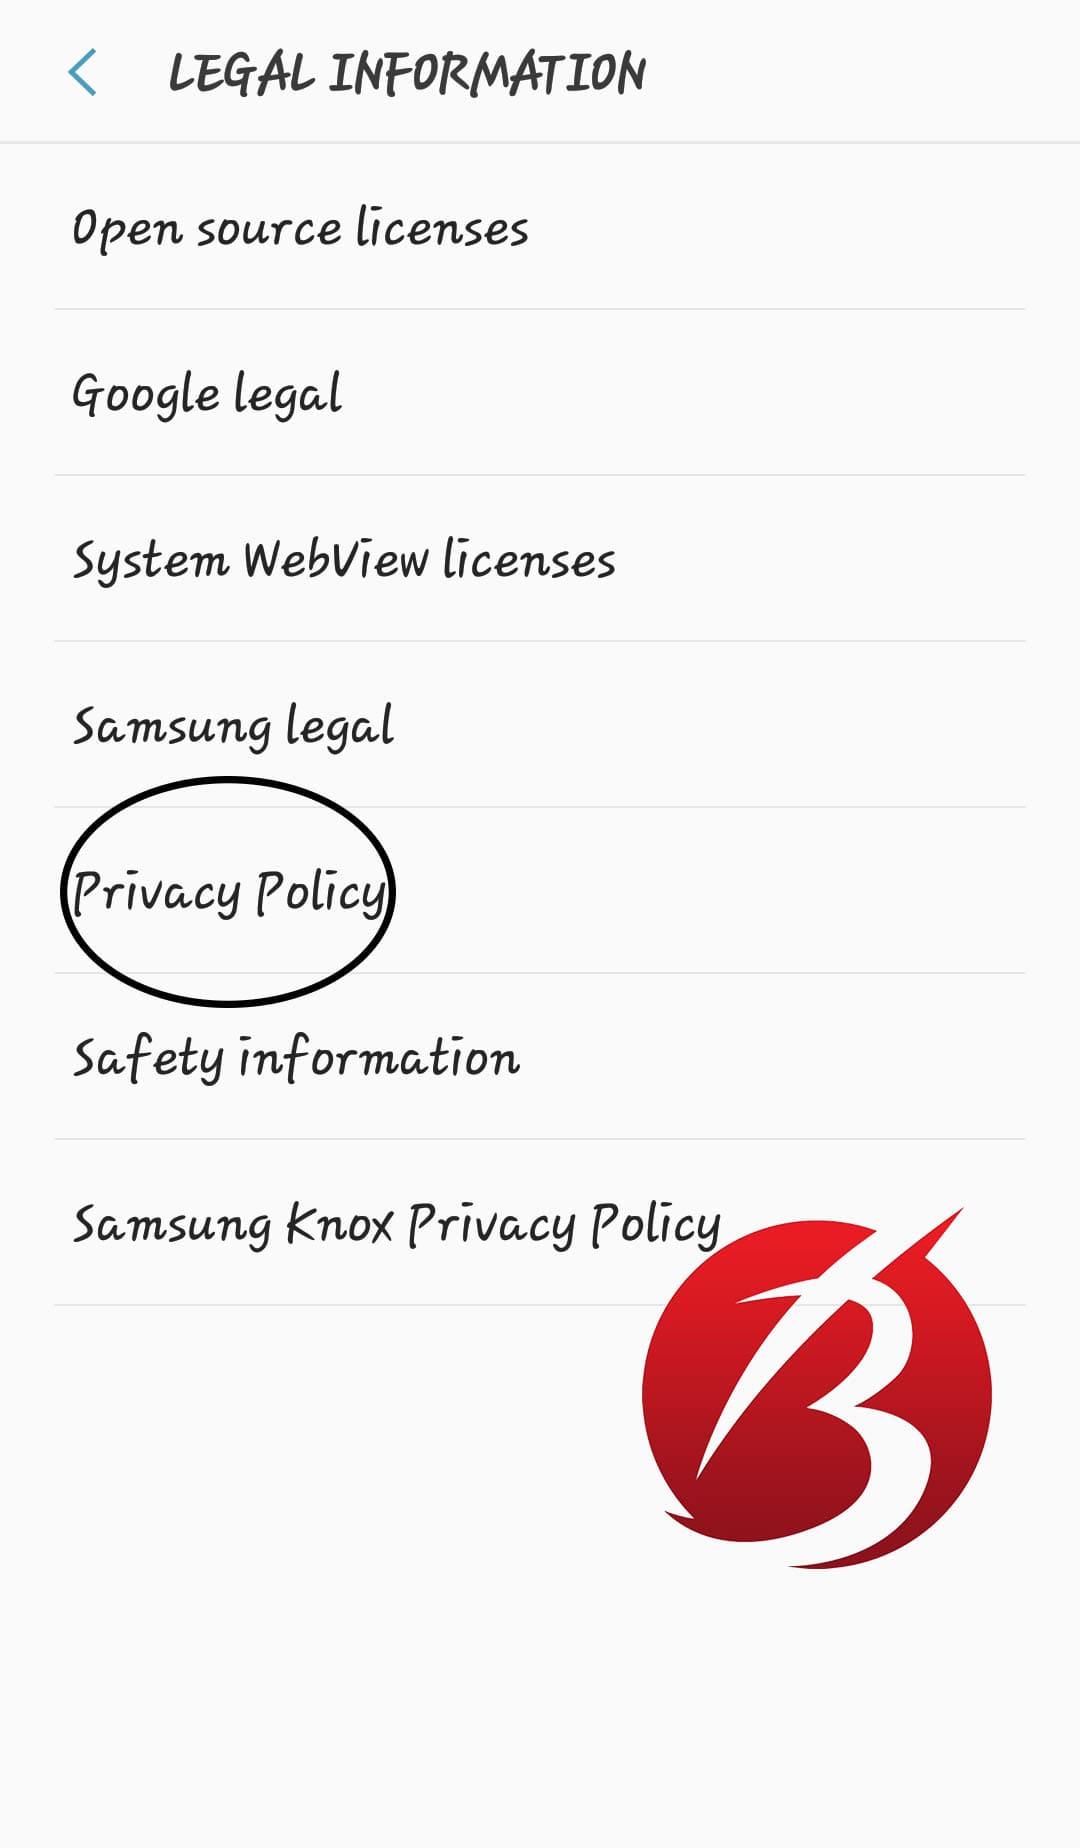 مشکل اسکرین شات نگرفتن گوشی اندروید - خط مشی تلفن همراه